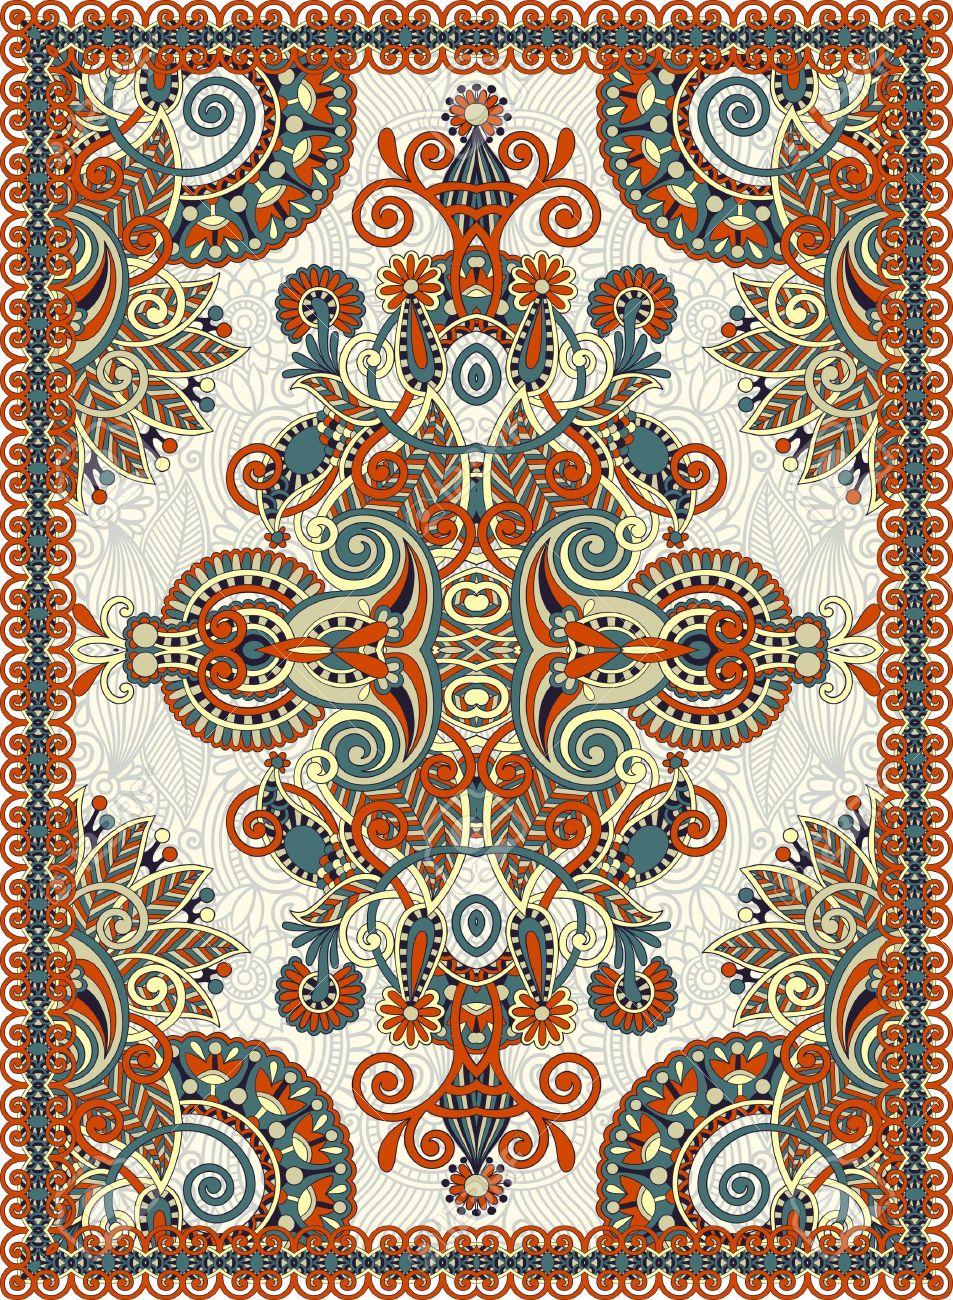 carpet design xqwmlvy SEGKZEB